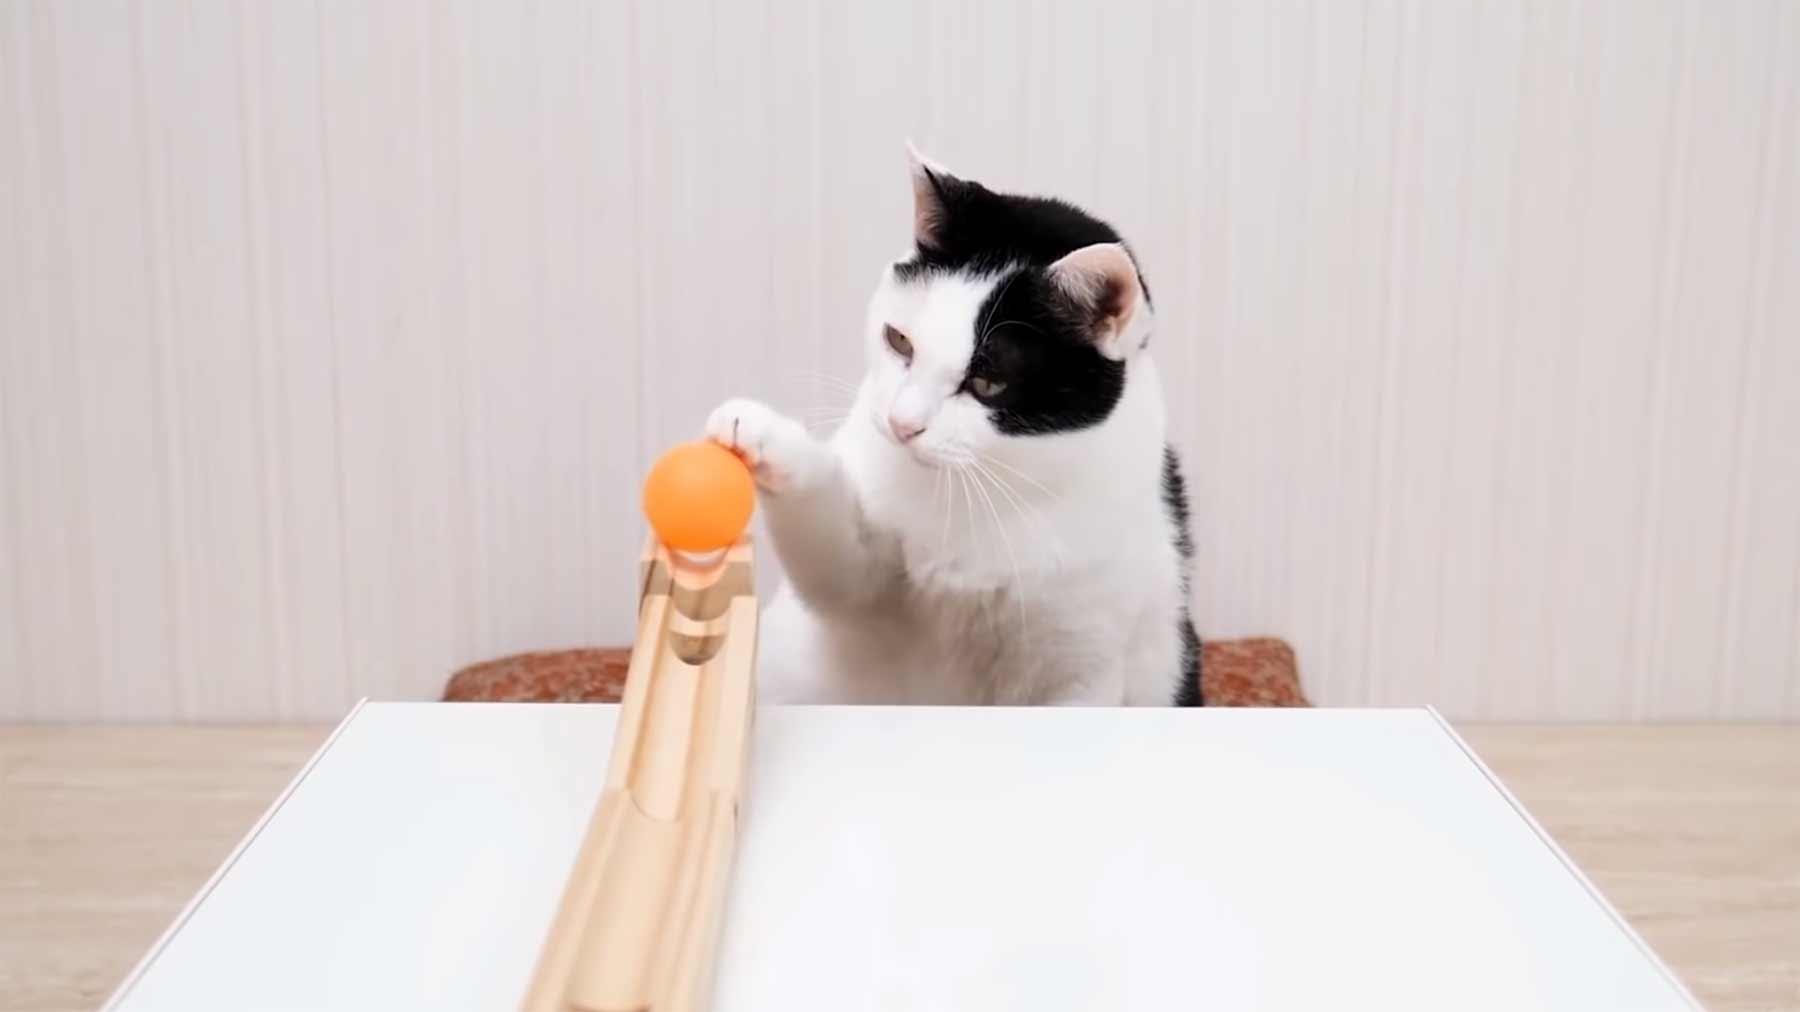 Katzen & Tischtennisball-Trickshots